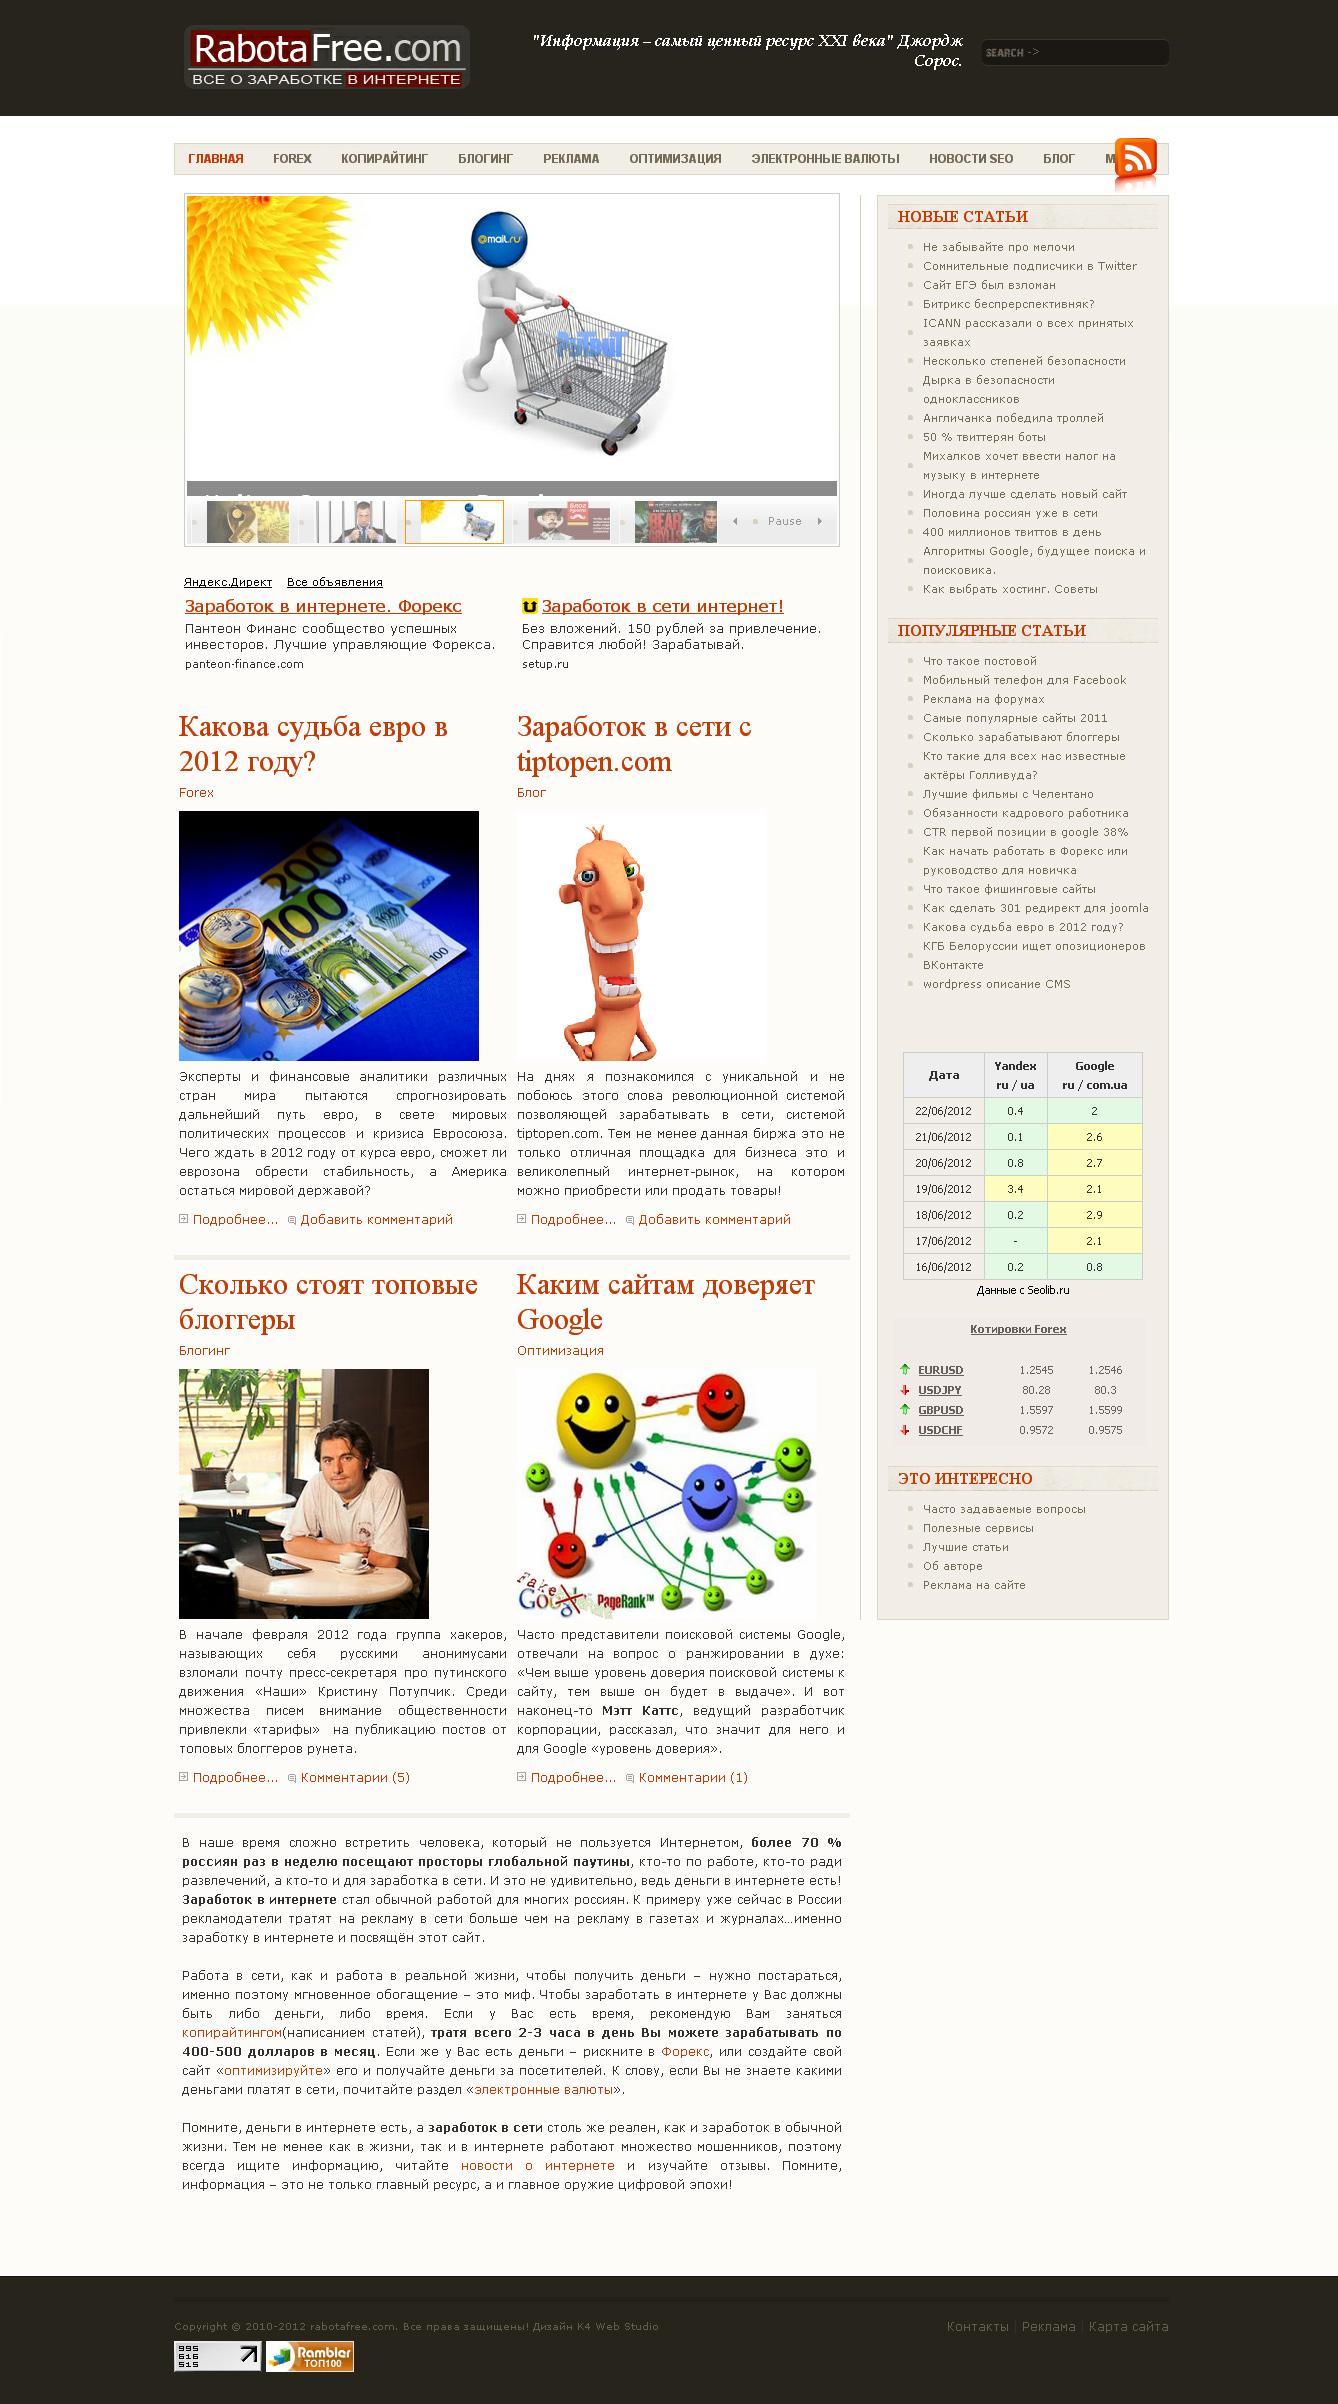 Блог о заработке в интернете www.Rabotafree.com